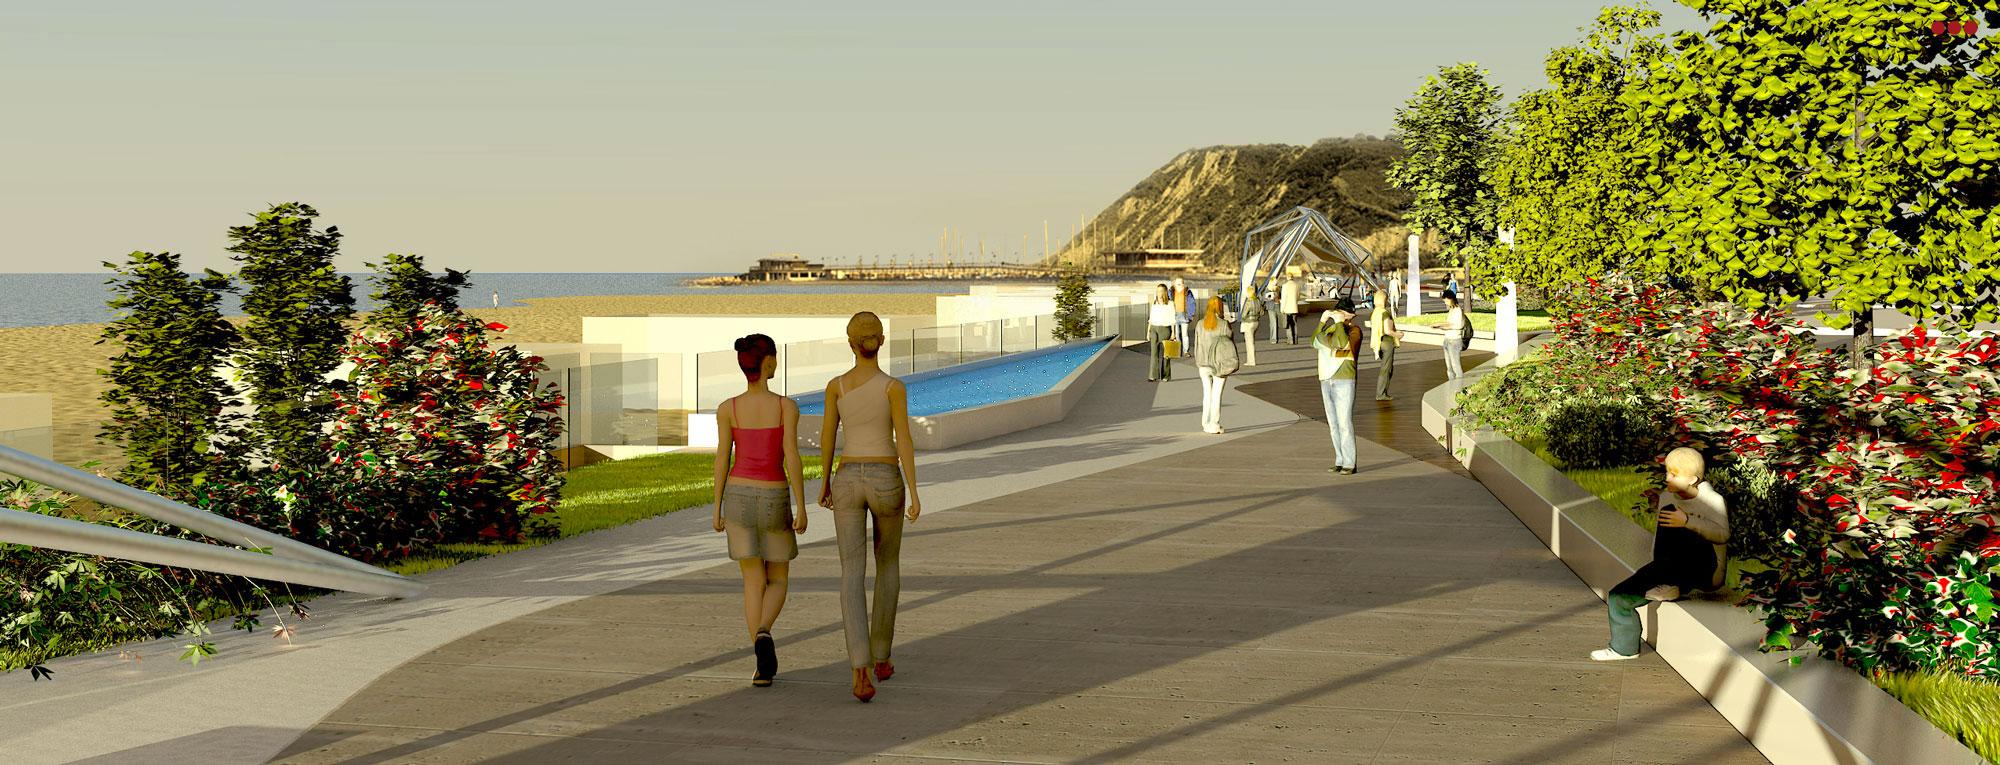 Progetto Rendering Modeling lungomare Cattolica Rimini 3D Studio Bartolini 4.1